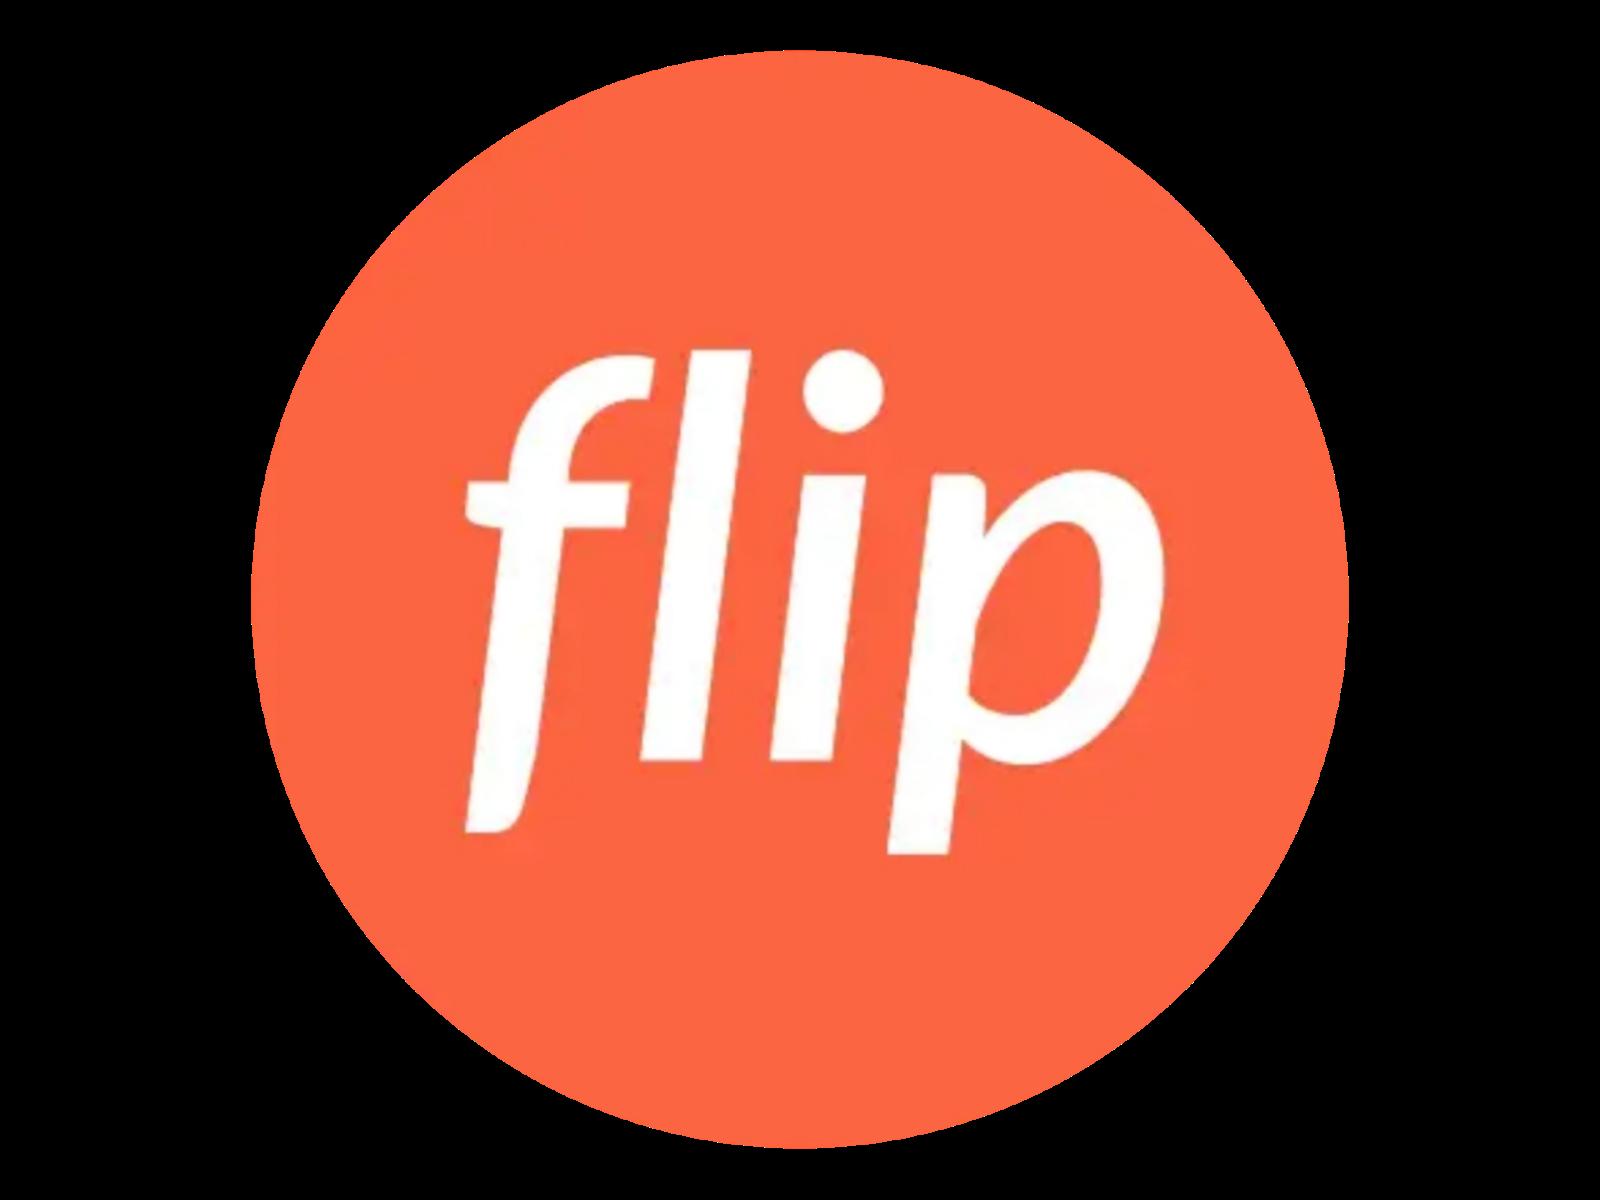 Logo Flip Format PNG